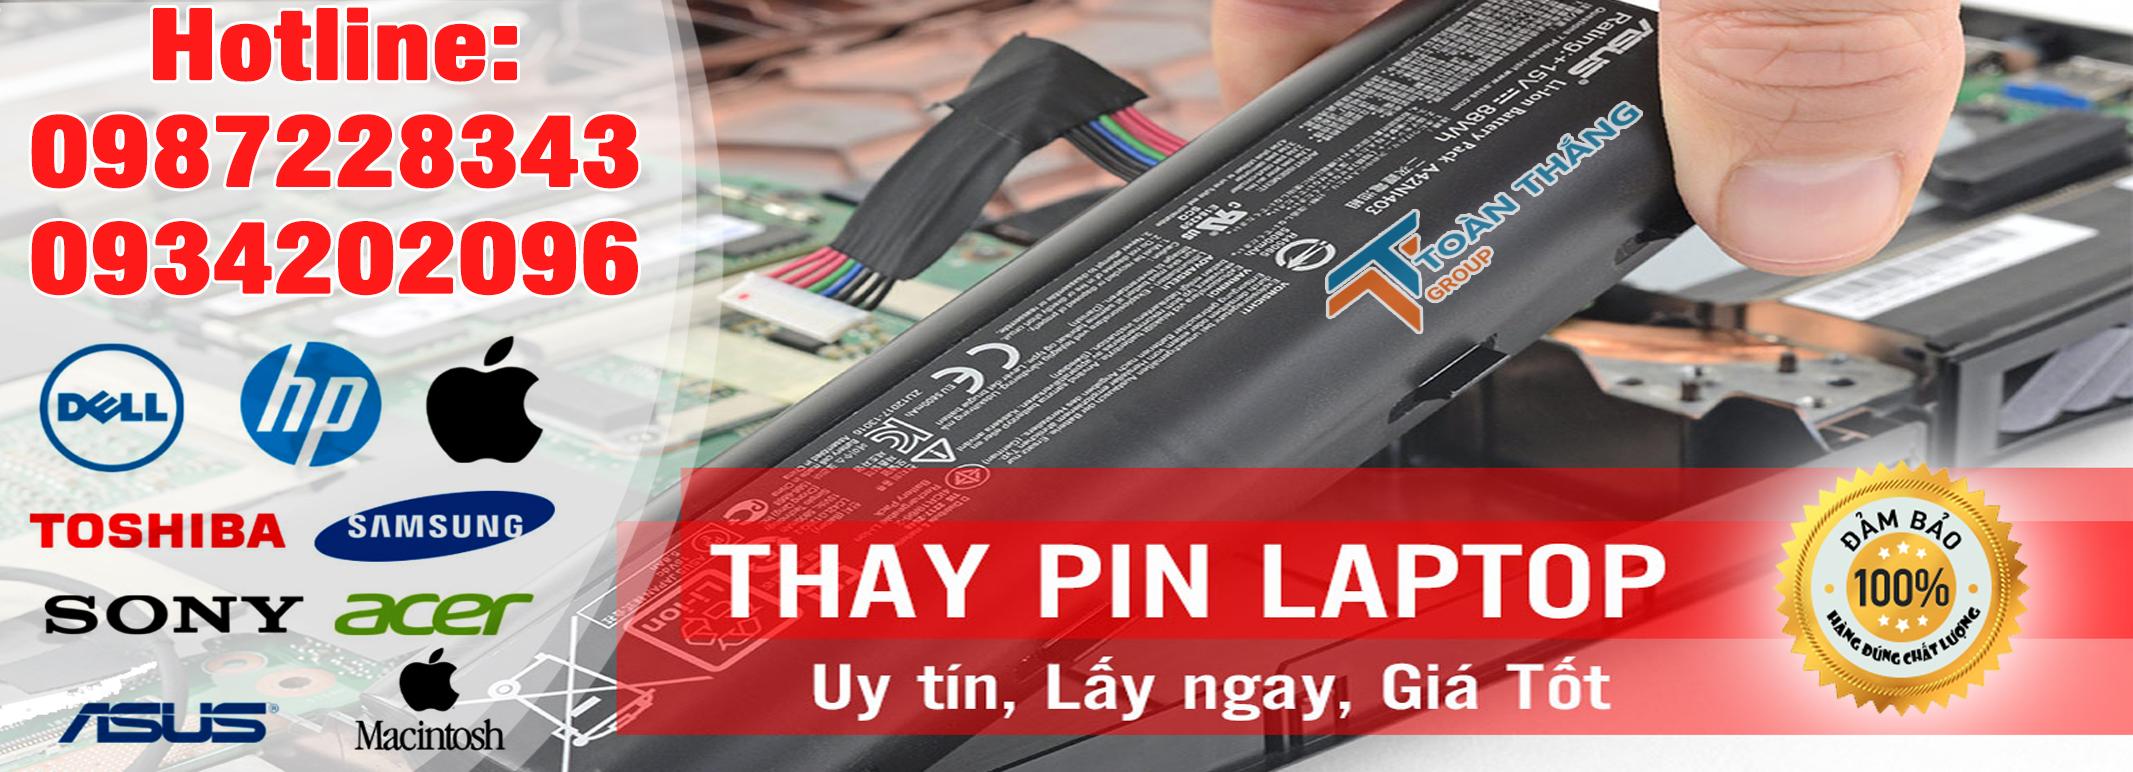 Công Ty Dịch Vụ Thay Pin Laptop Tận Nơi Quận Bình Thạnh Uy Tín Nhanh